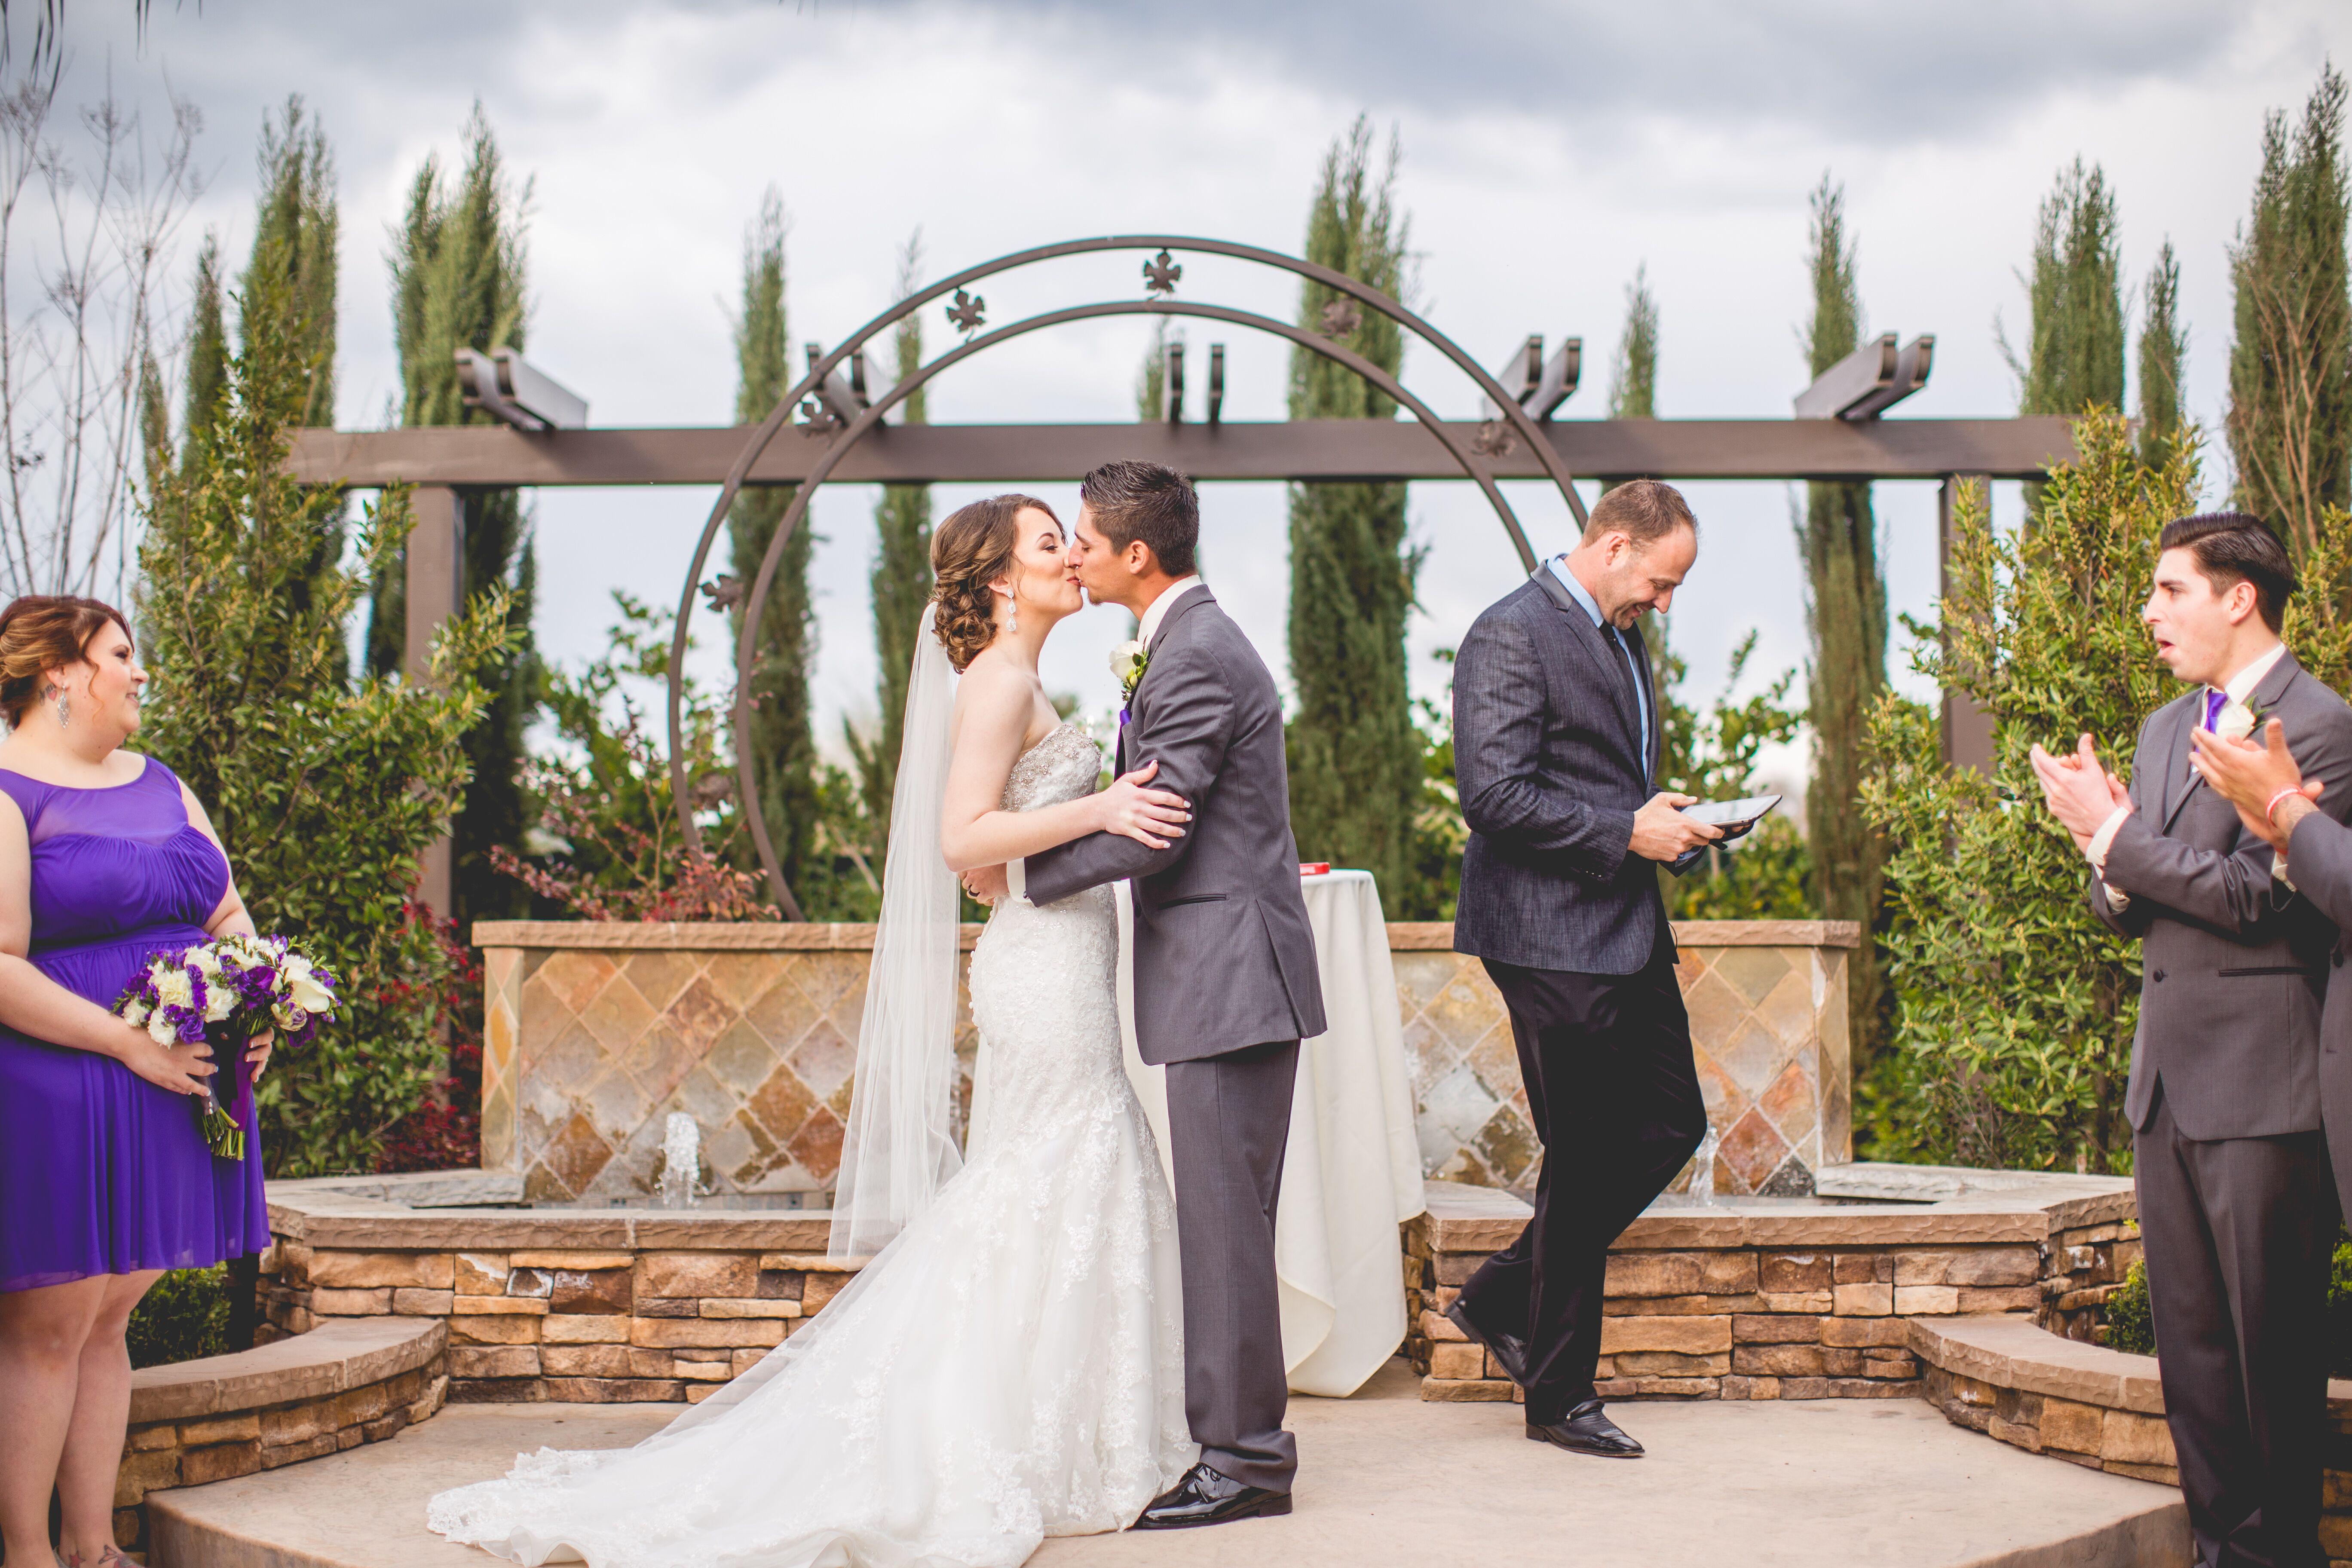 Wedding Invitations Fresno Ca: Reception Venues - Fresno, CA